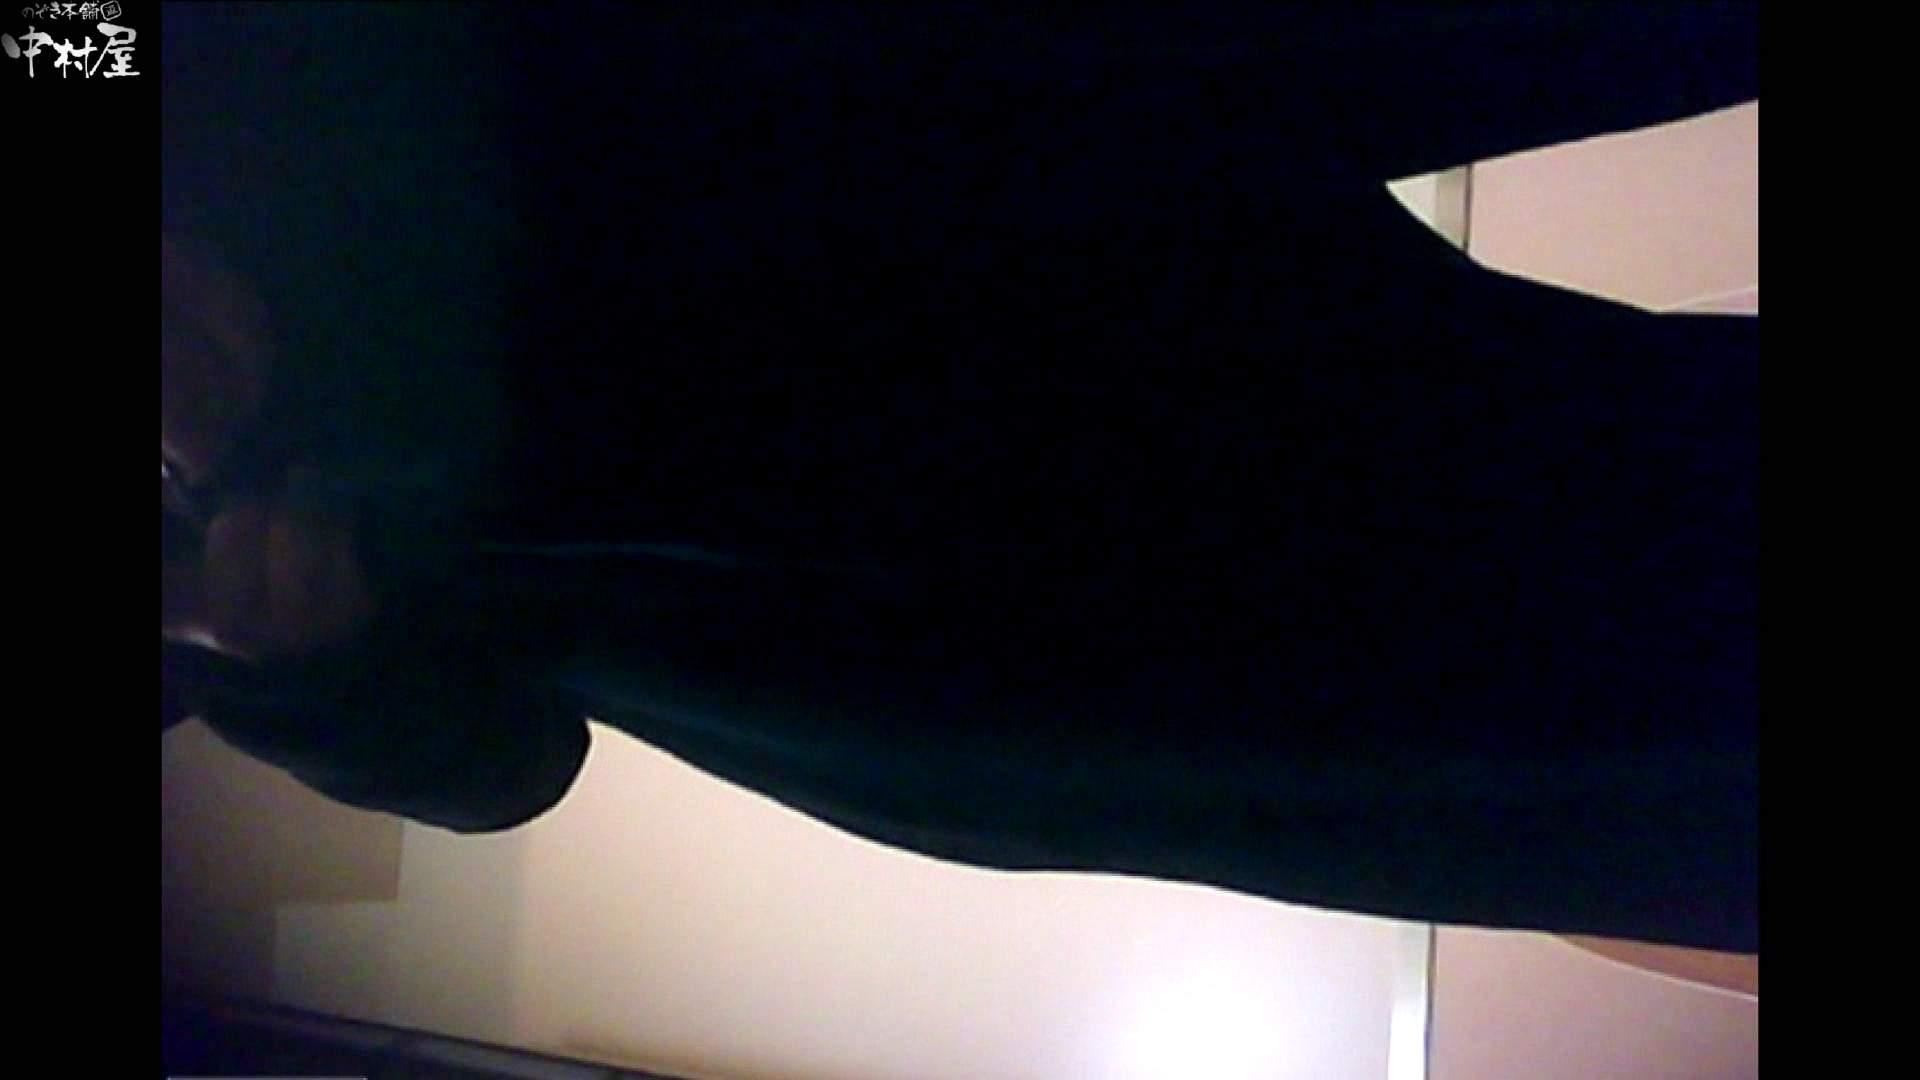 三つ目で盗撮 vol.44 OLエロ画像 覗き性交動画流出 92PICs 92